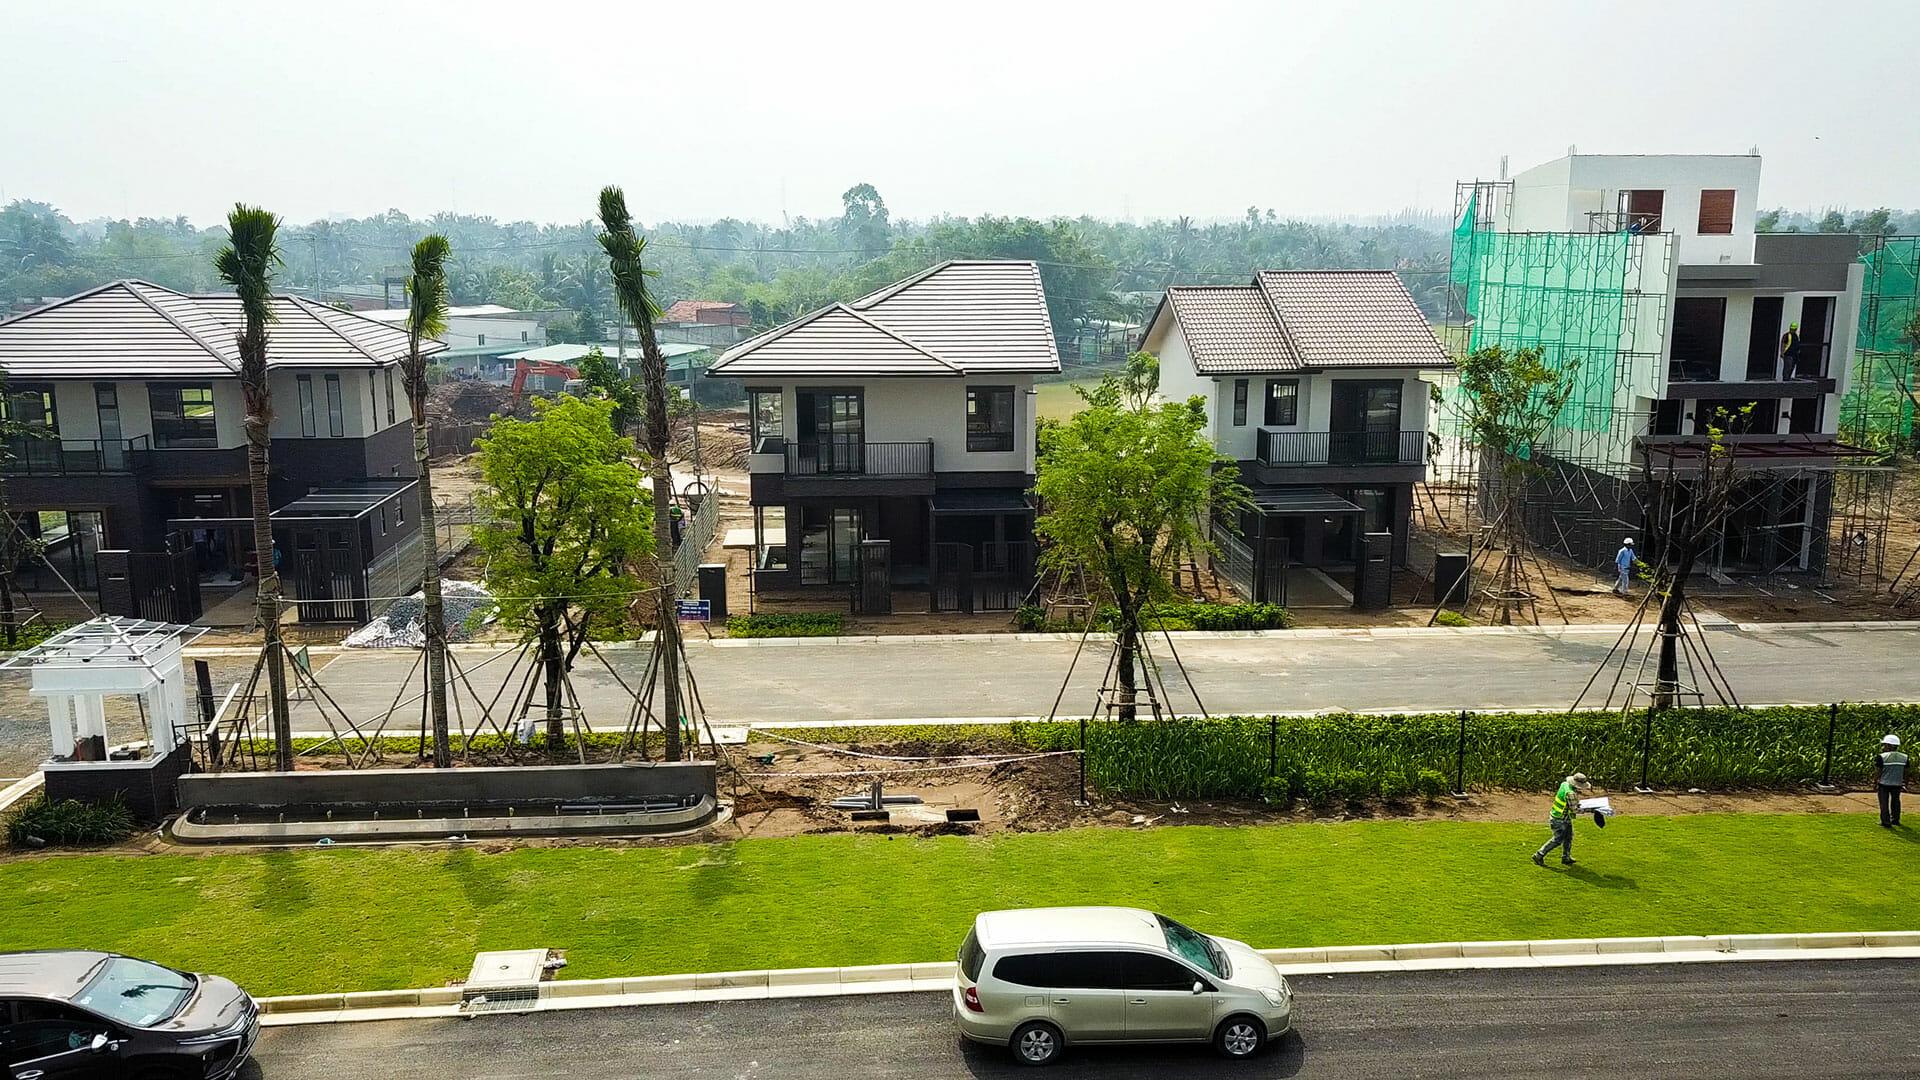 Đơn vị xây dựng đang hoàn thiện các căn nhà mẫu dự án Waterpoint Long An